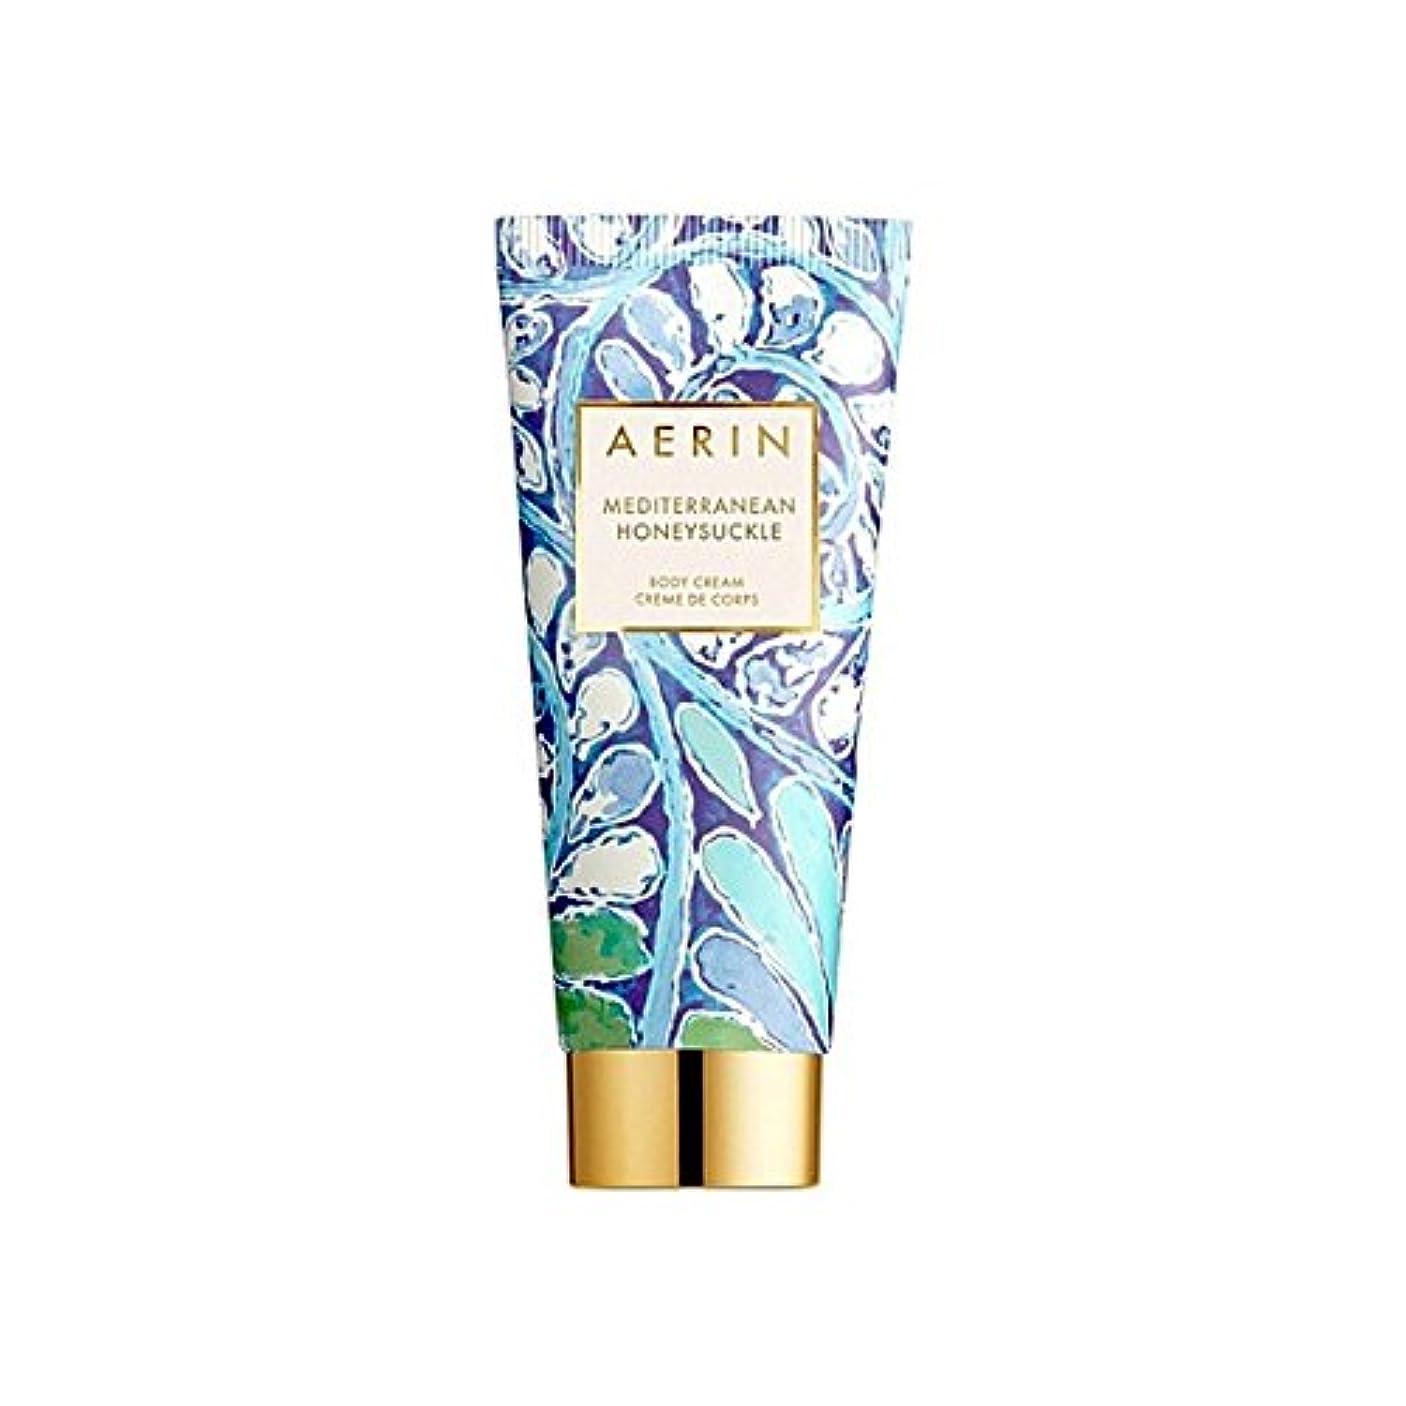 海岸レンド花に水をやるAerin Mediterrenean Honeysuckle Body Cream 150ml (Pack of 6) - スイカズラボディクリーム150ミリリットル x6 [並行輸入品]